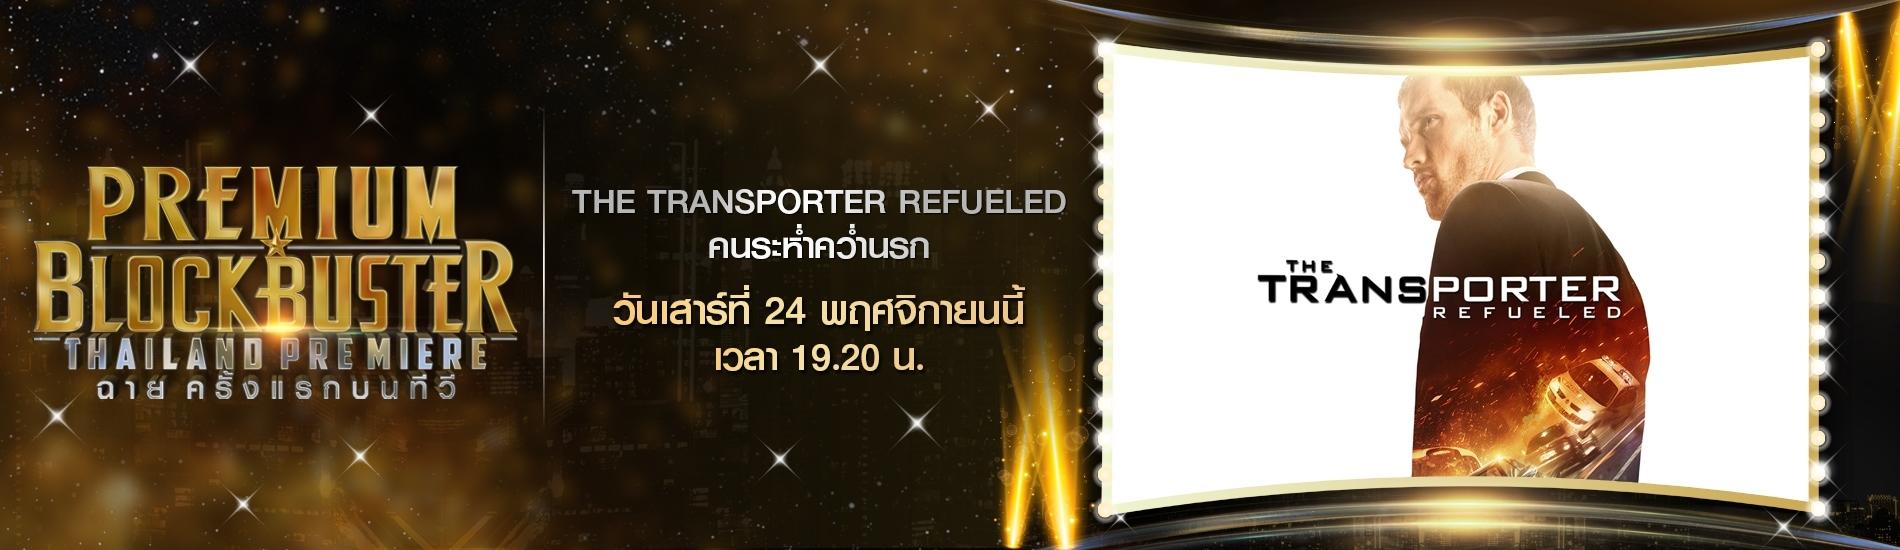 The Transporter Refueled คนระห่ำคว่ำนรก